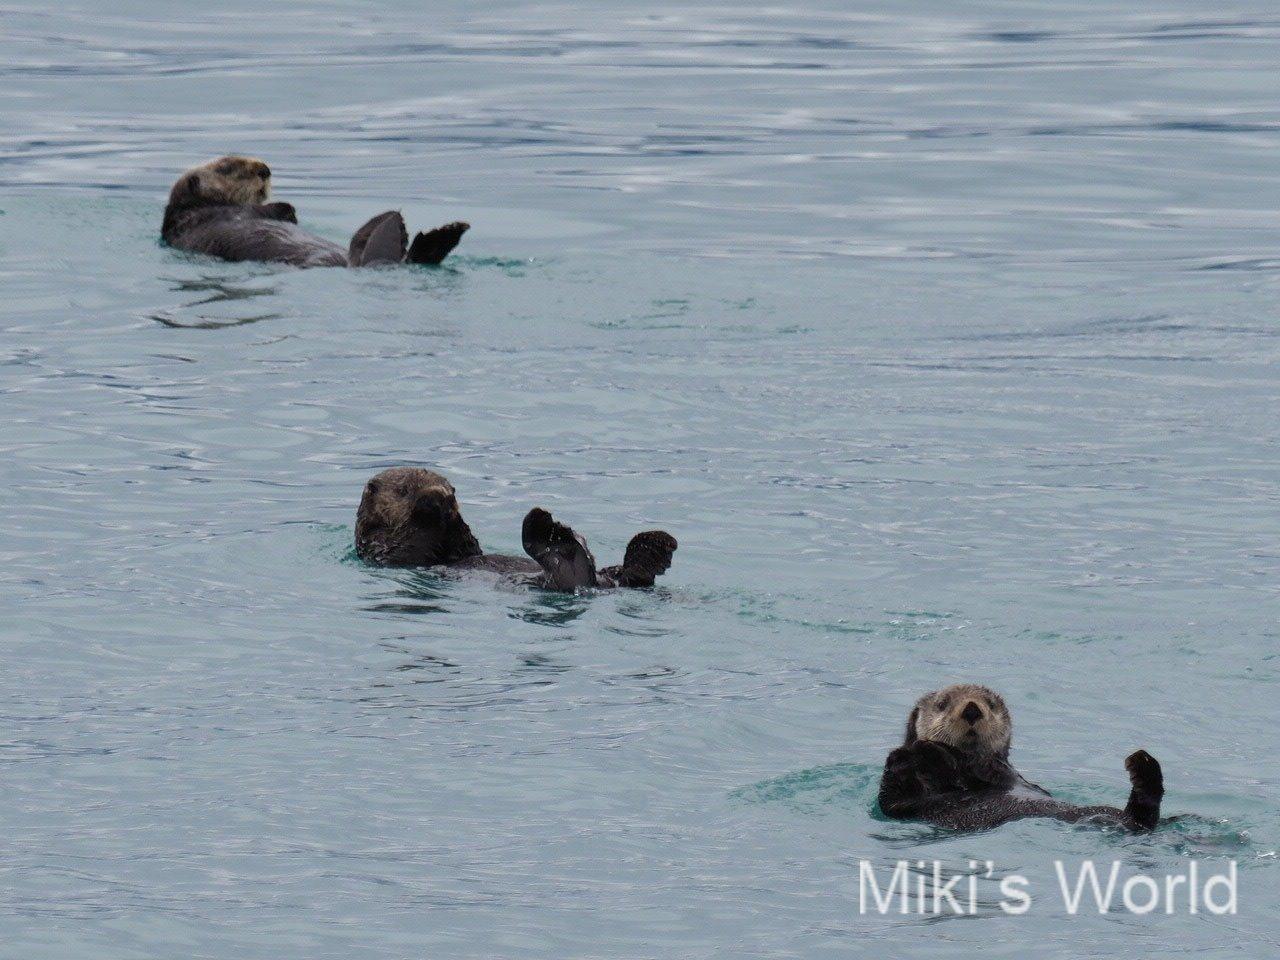 アラスカがアメリカ本土から飛び地な理由とラッコとの関係性 クルーズ船選び